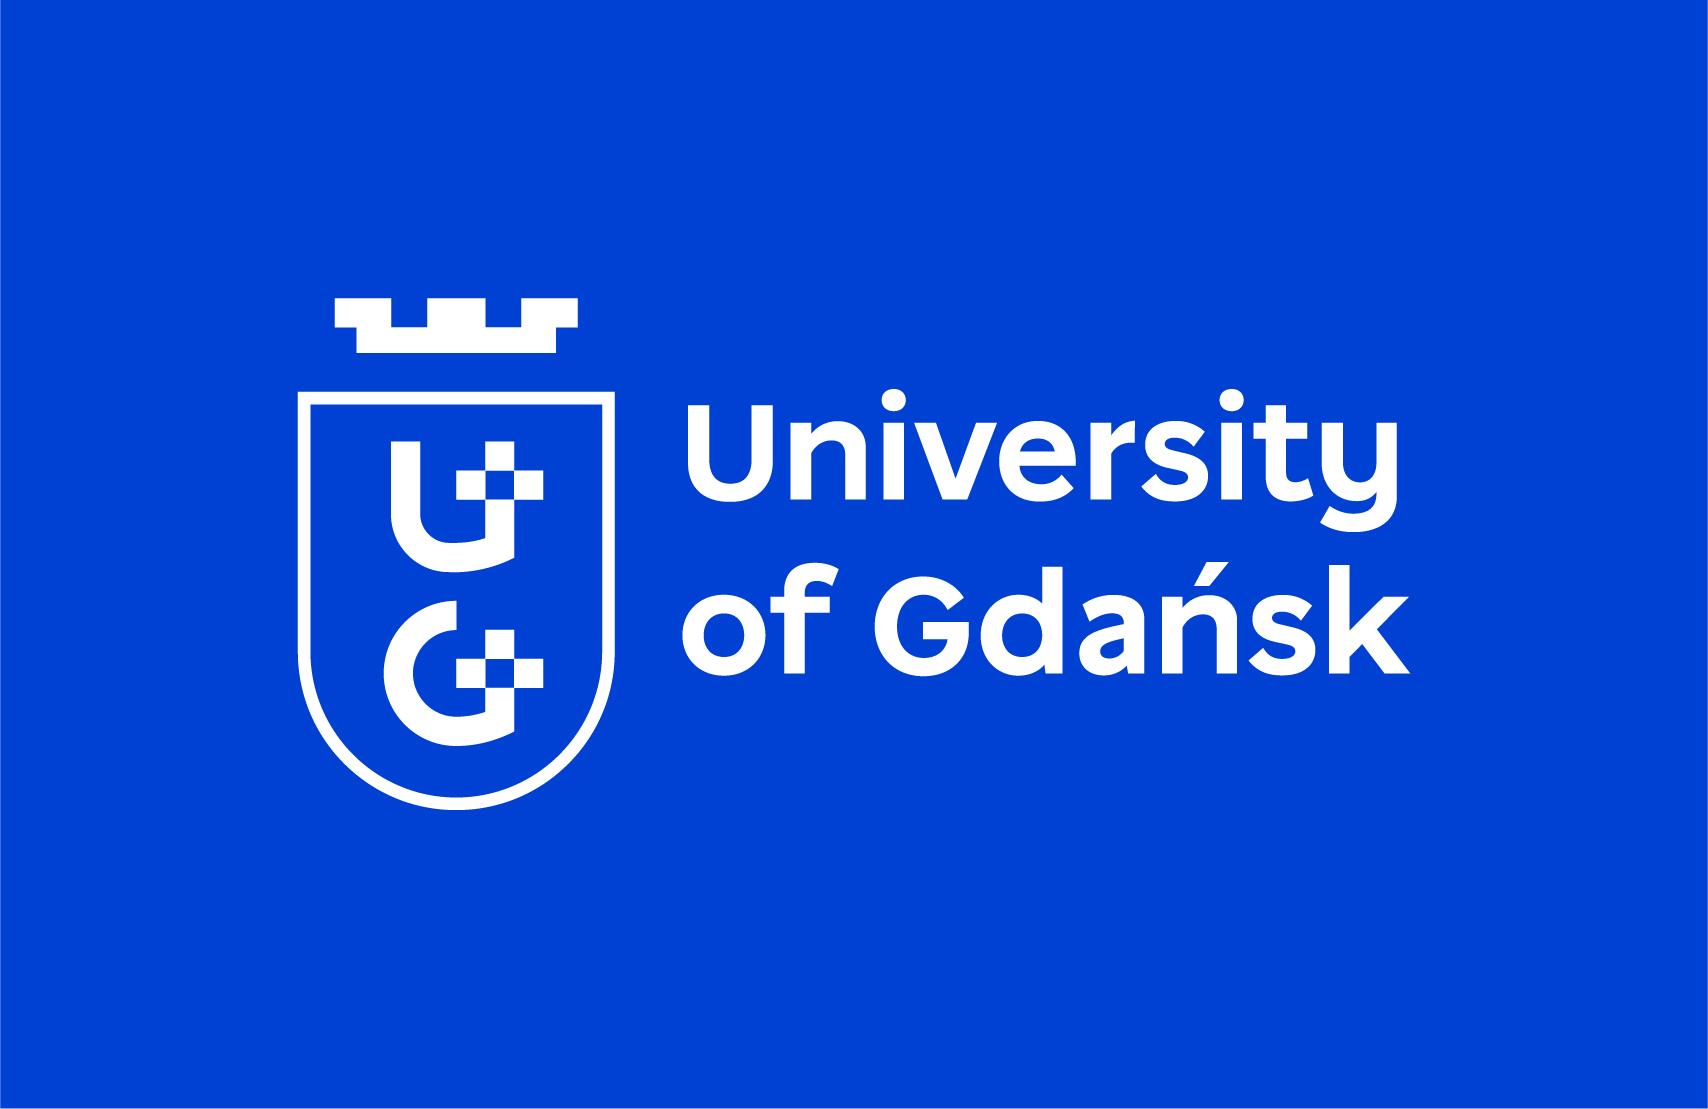 University of Gdańsk